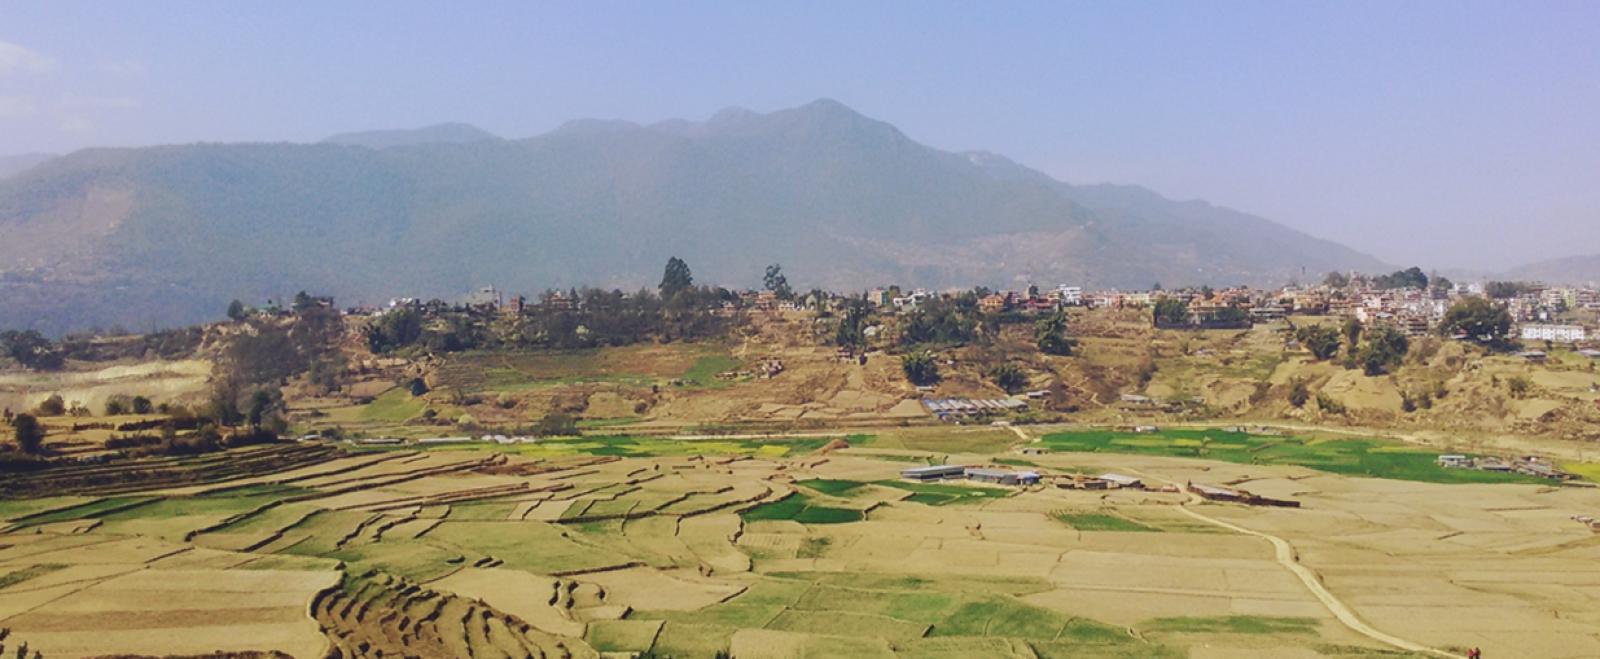 ネパールでチャイルドケアと医療プログラムに参加した小島香さんが見た風景